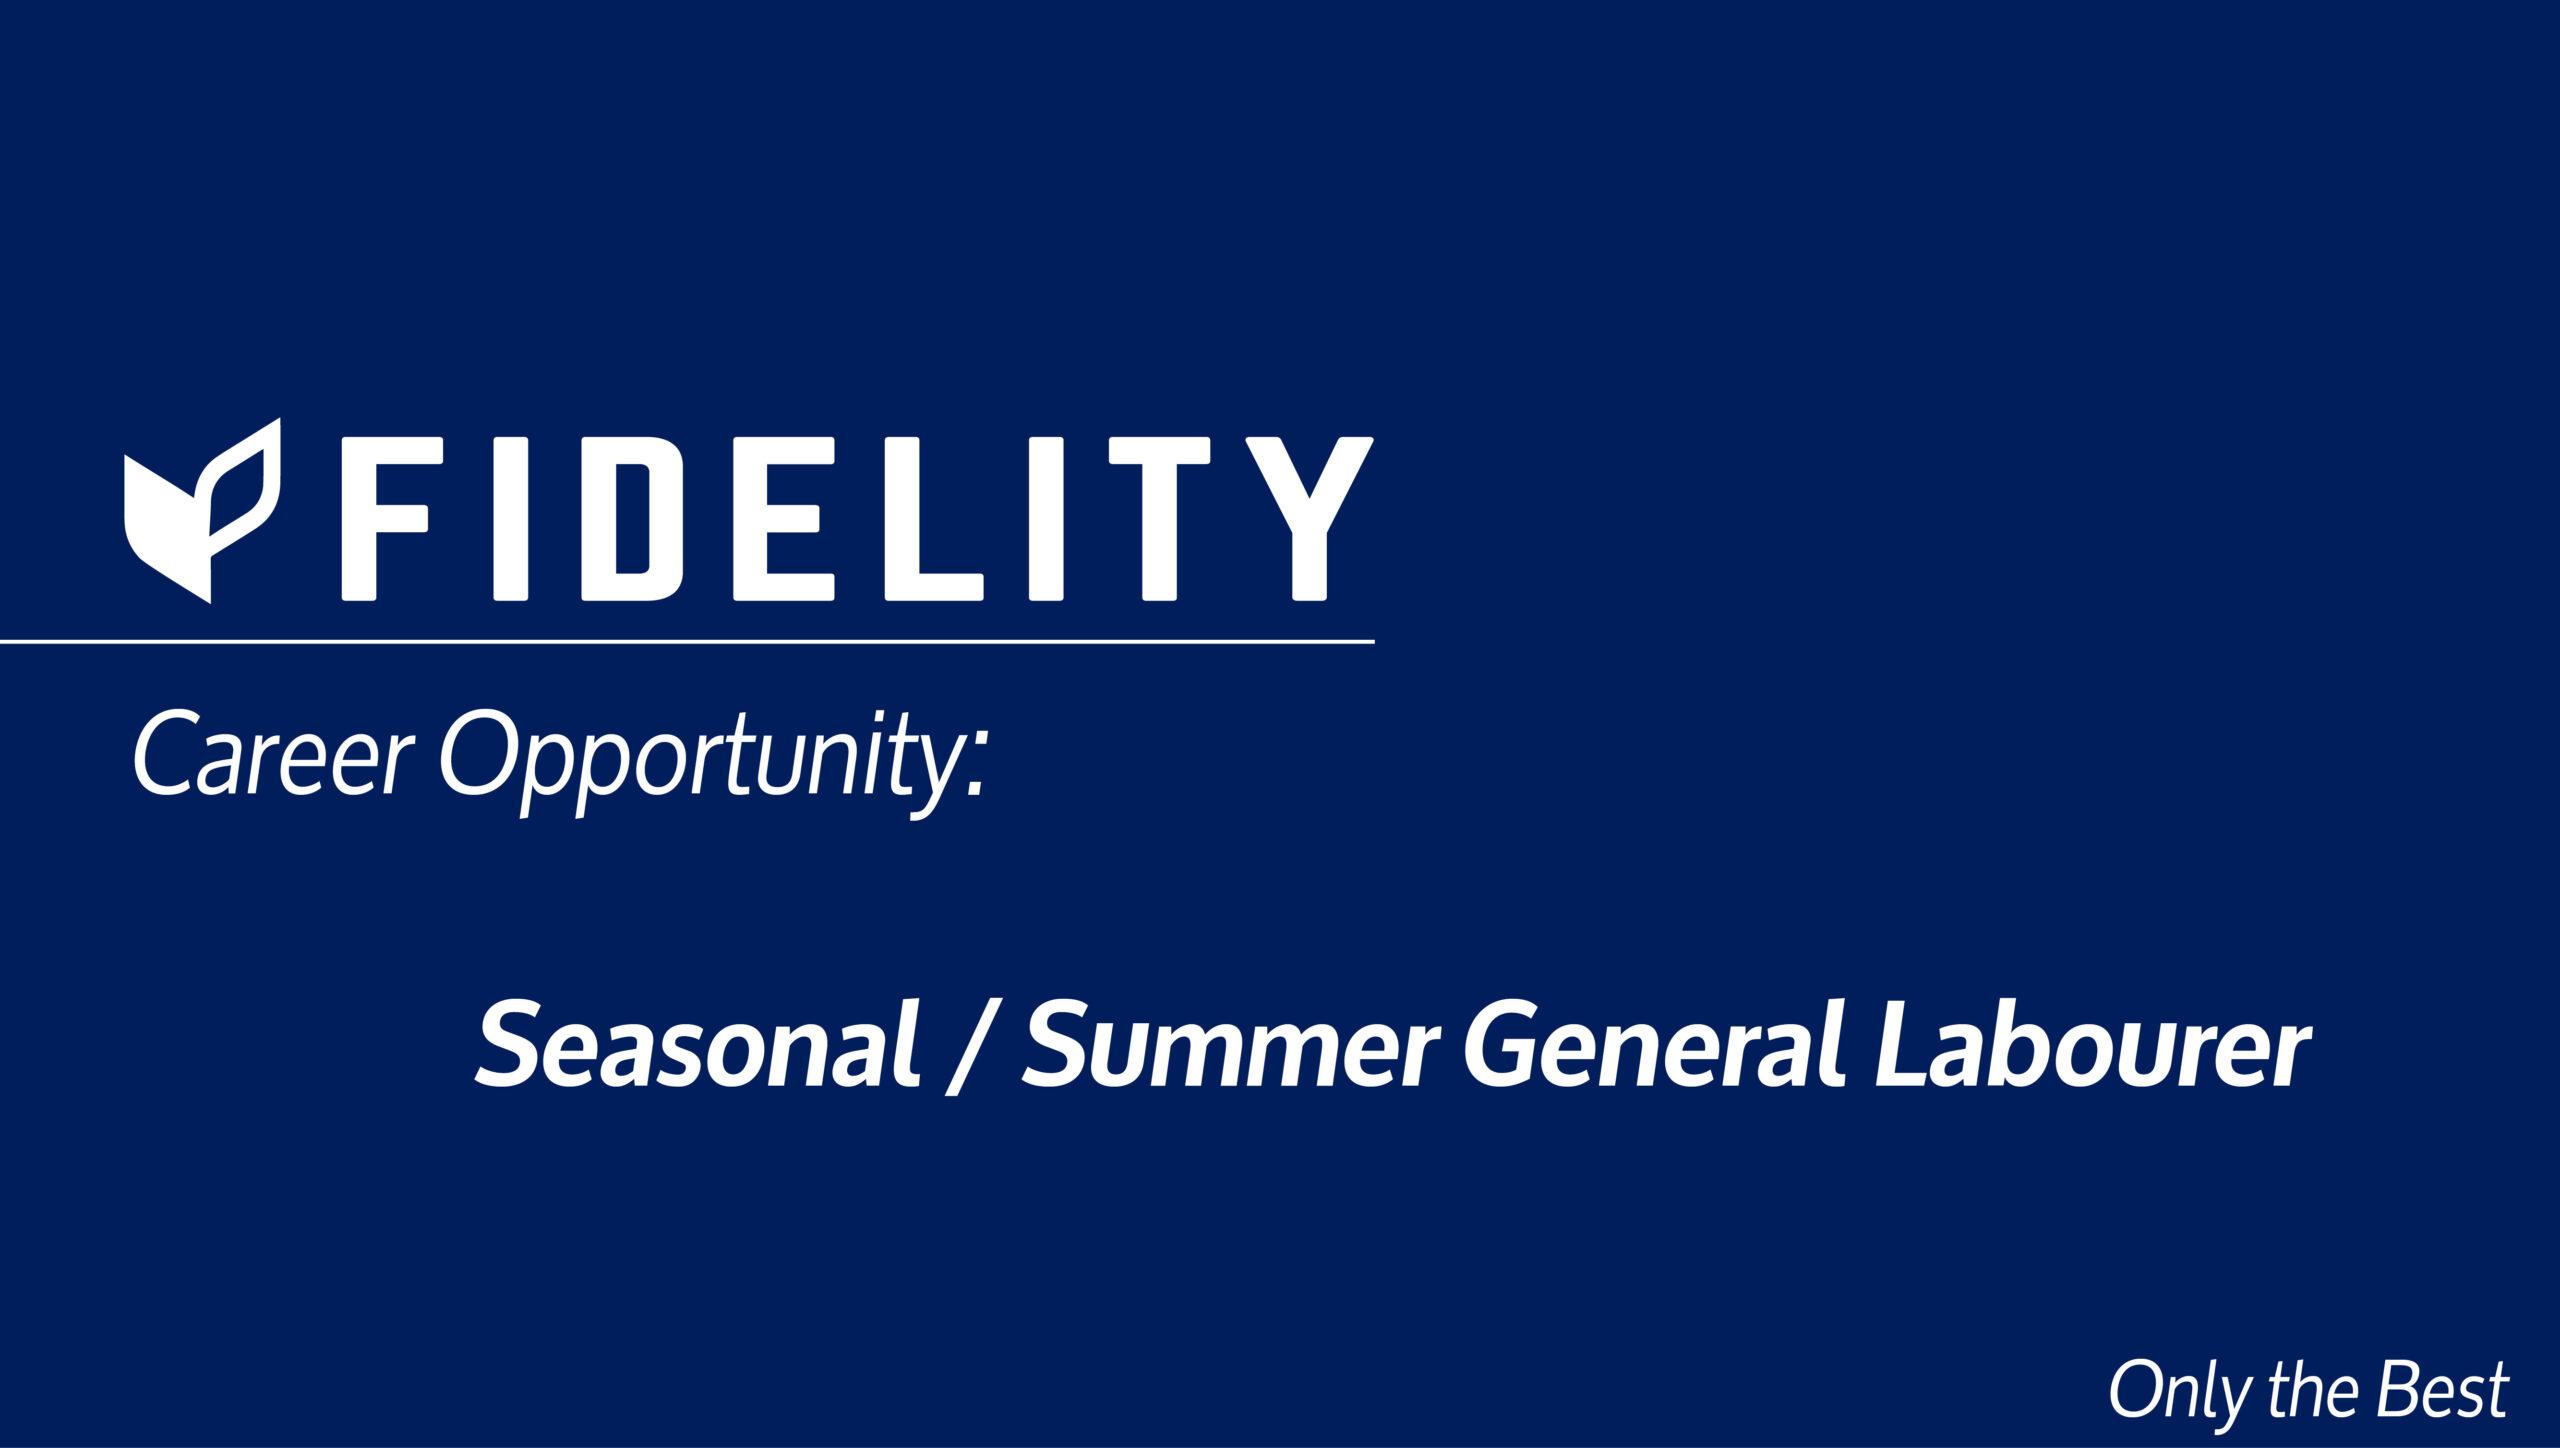 Career Opportunities: Seasonal / Summer General Labourers